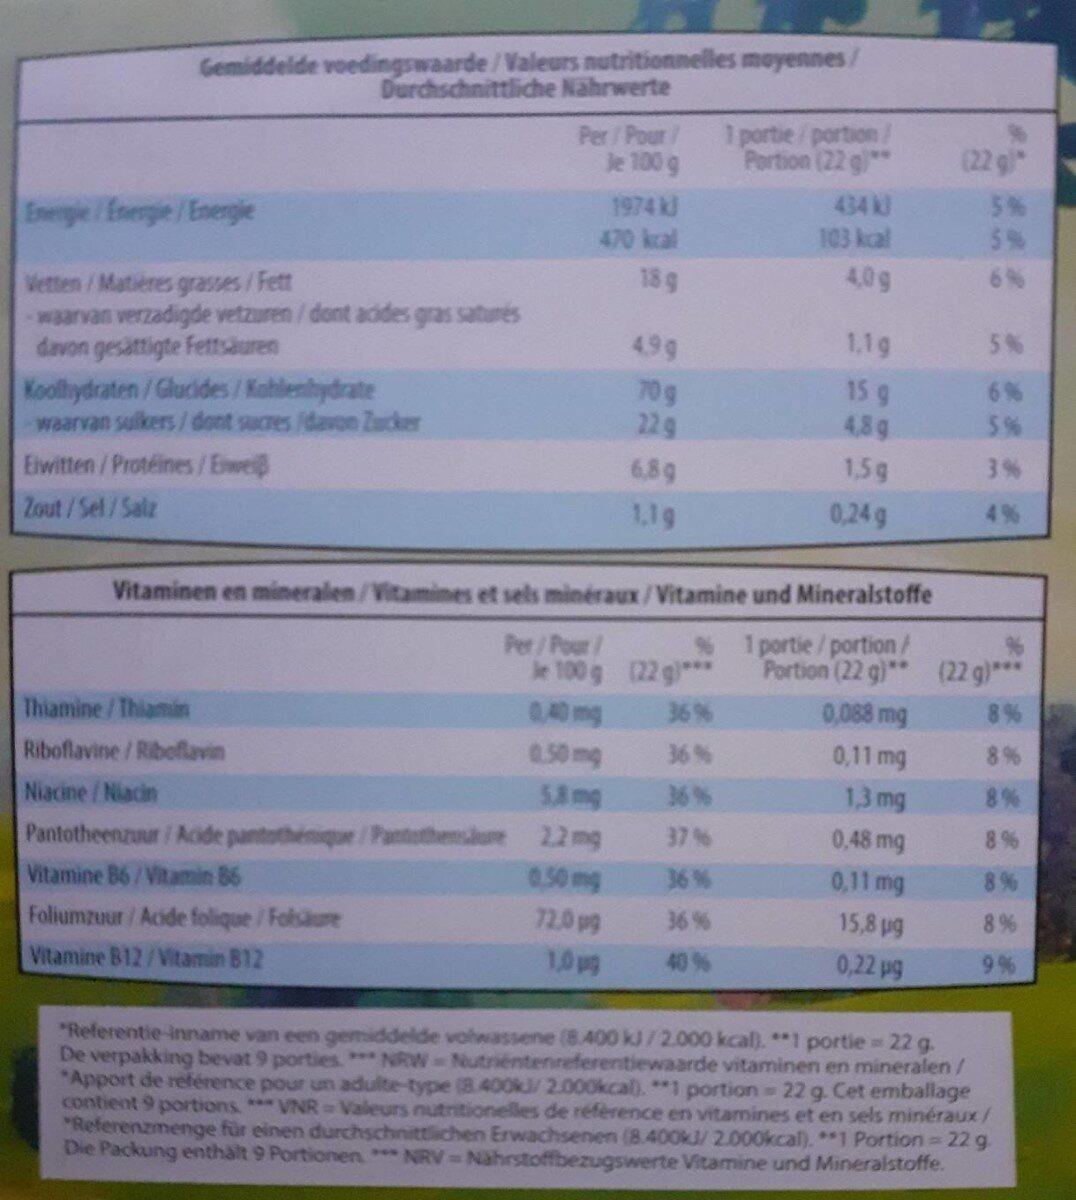 Biscuits de l ecolier - Voedingswaarden - fr